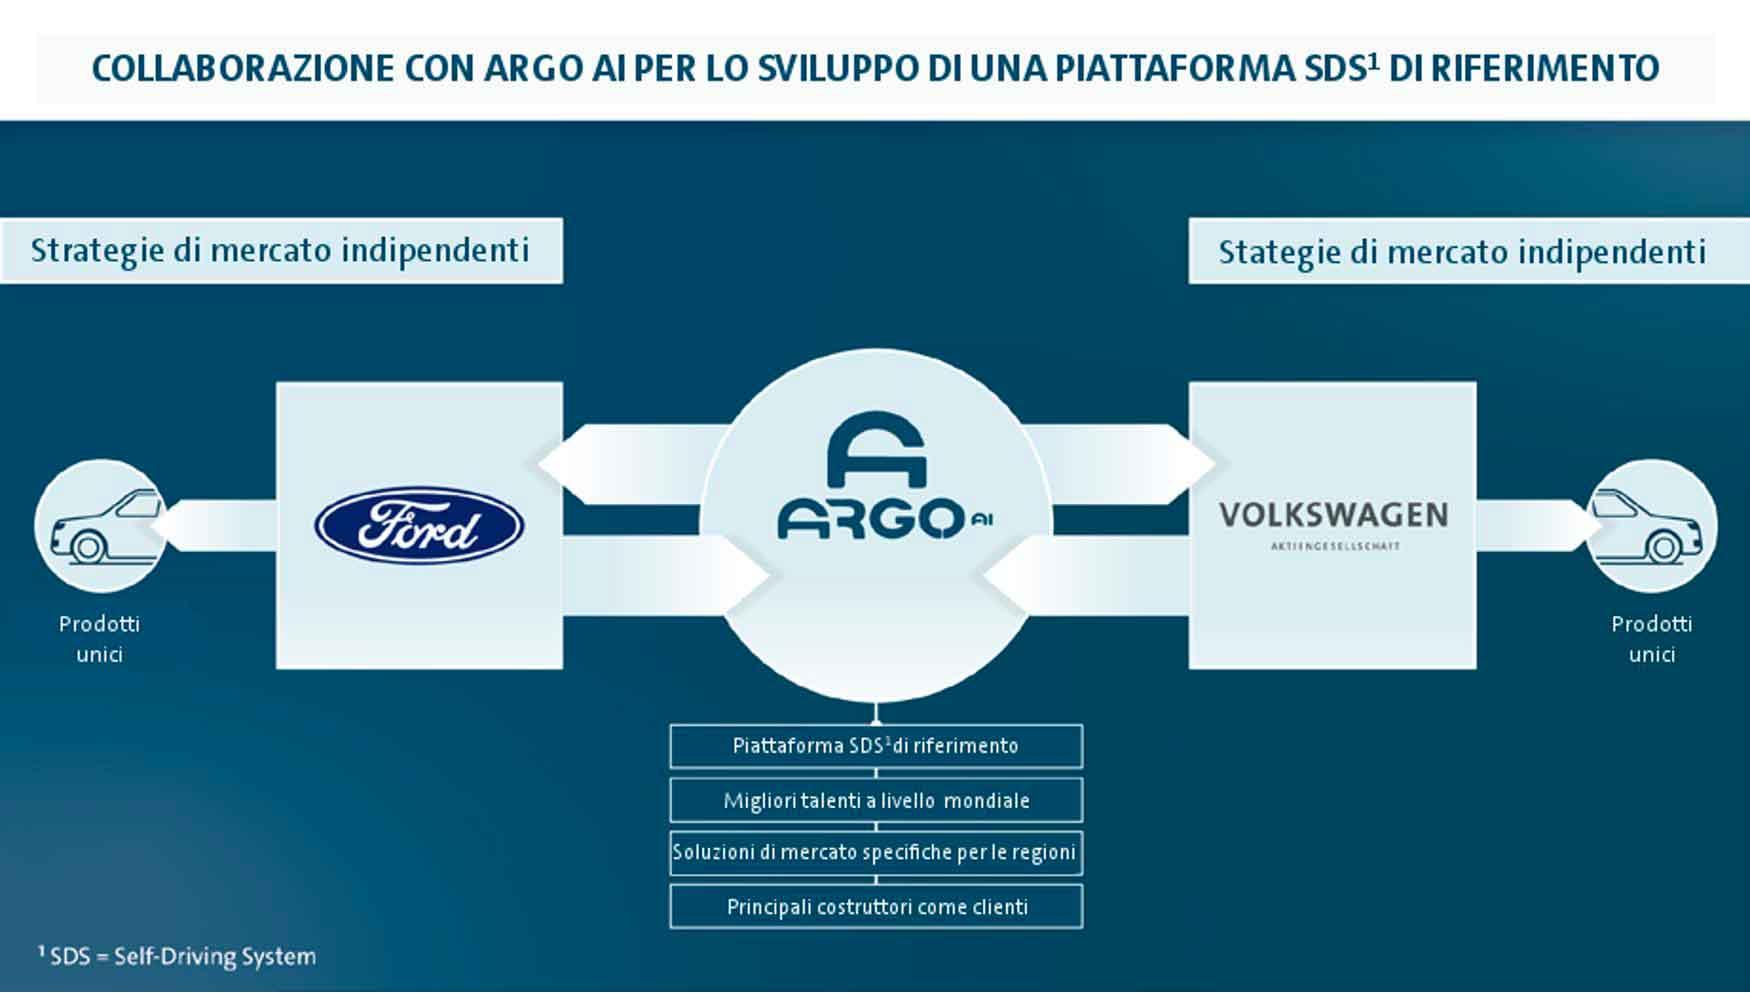 Ford e Volkswagen ampliano la collaborazione su guida autonoma ed elettrificazione